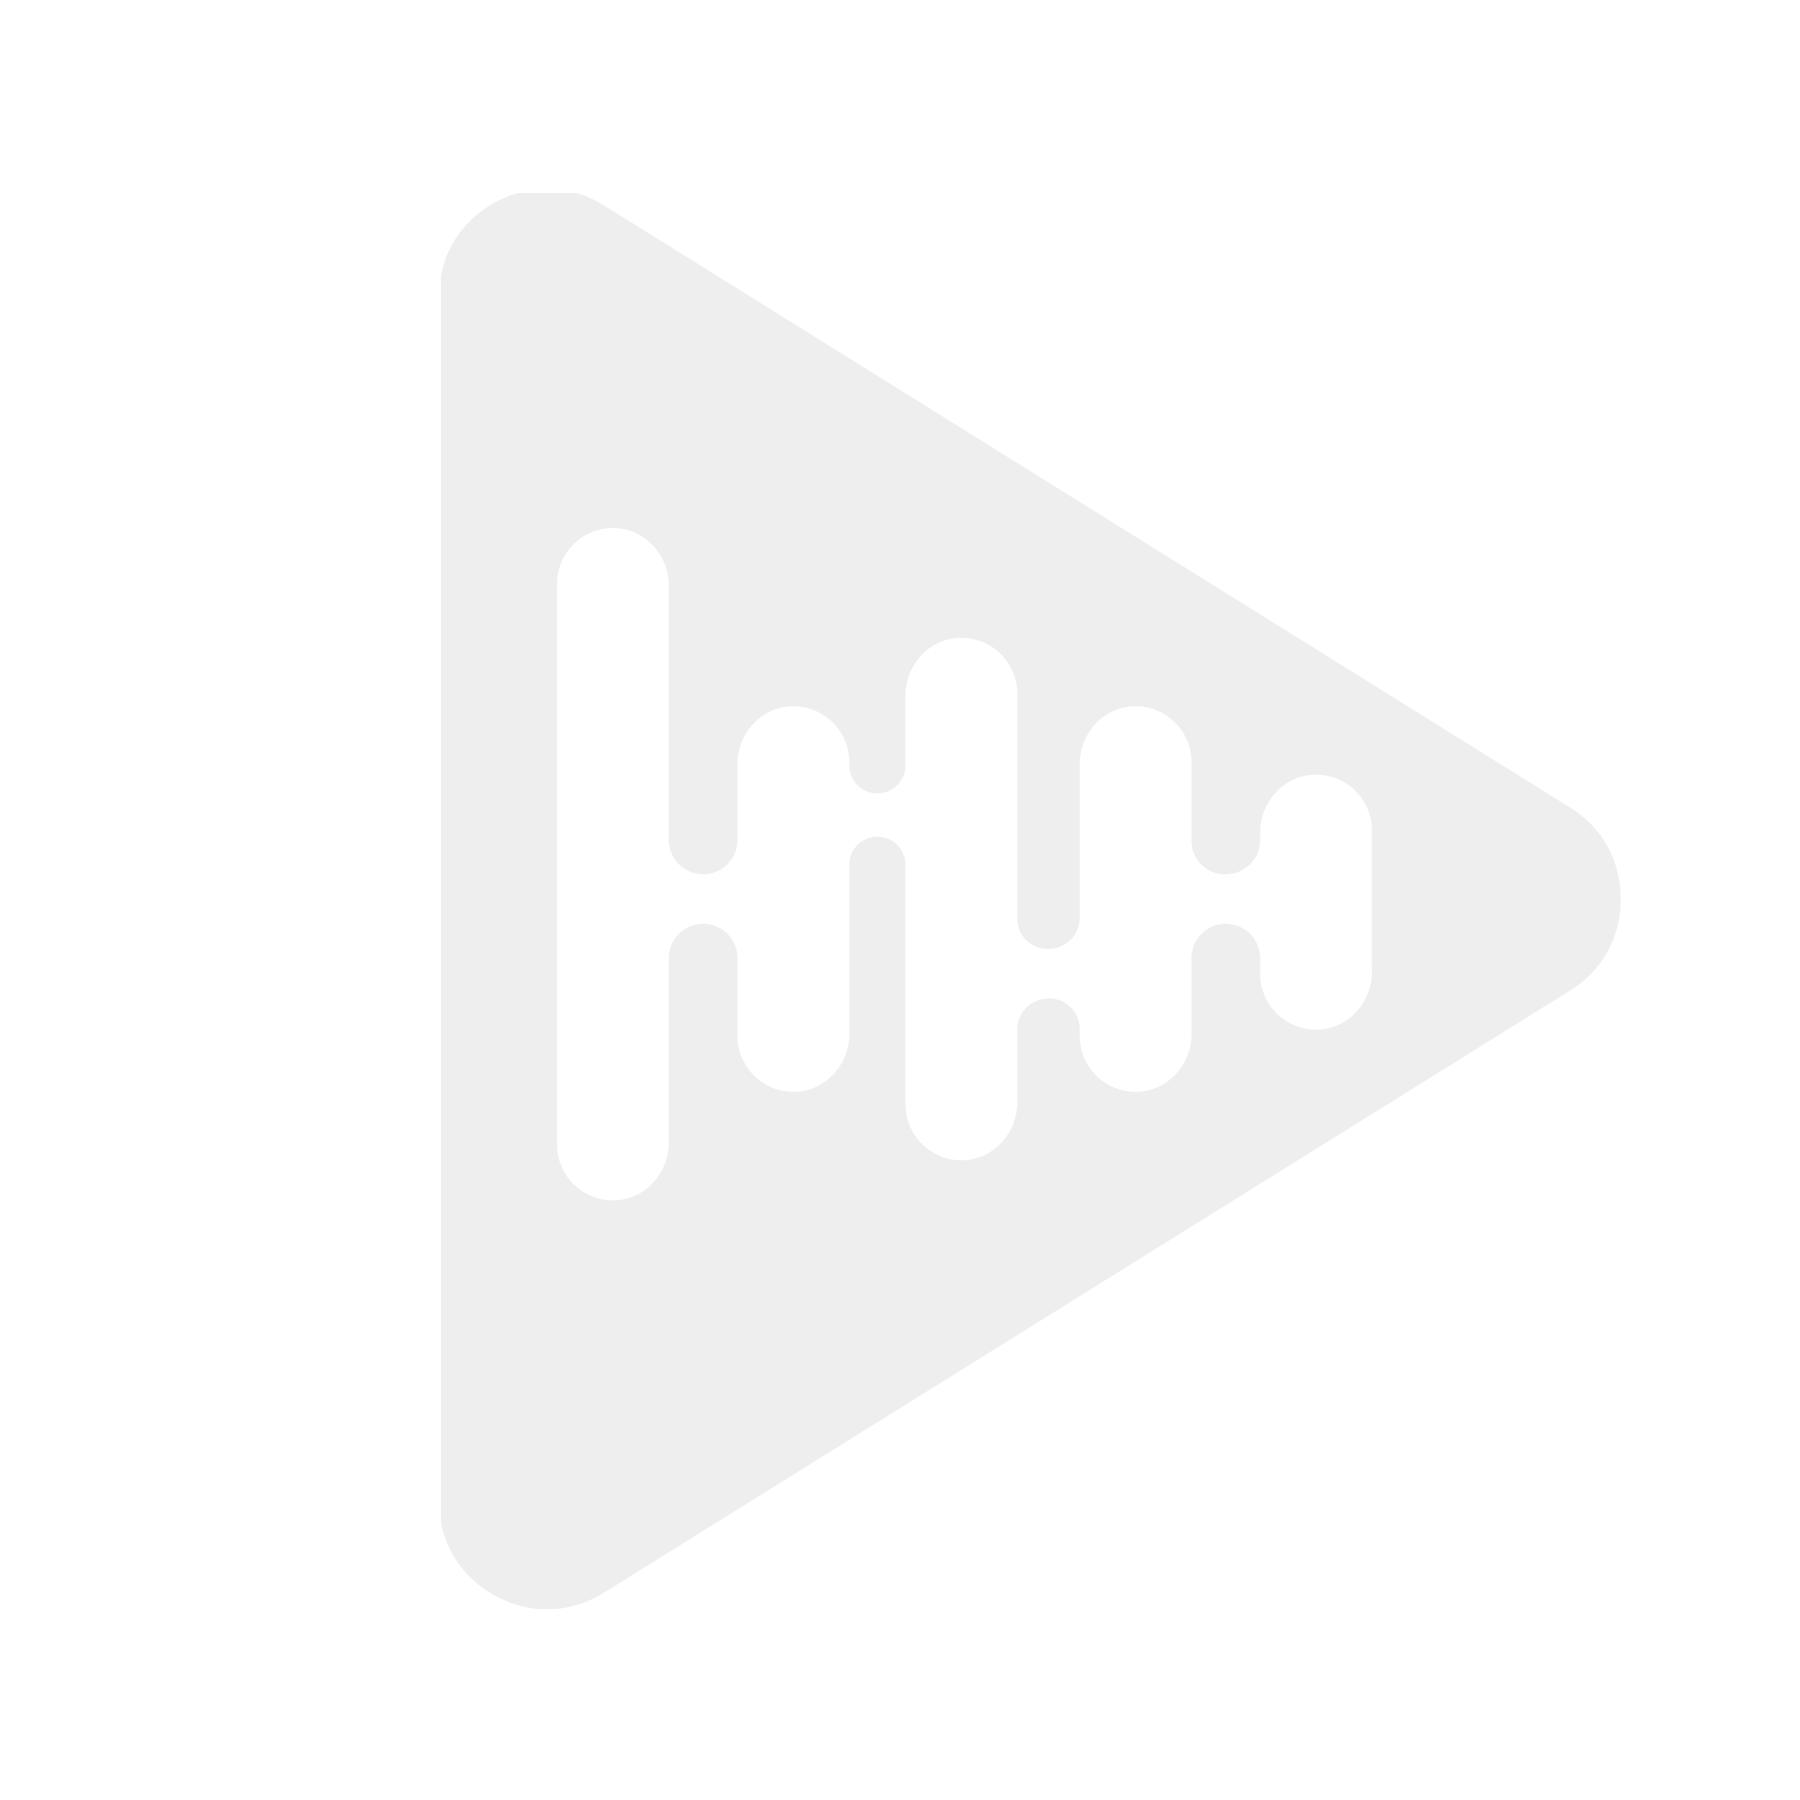 Klipsch 1011657 - Grill til RS-52 II (Stk)